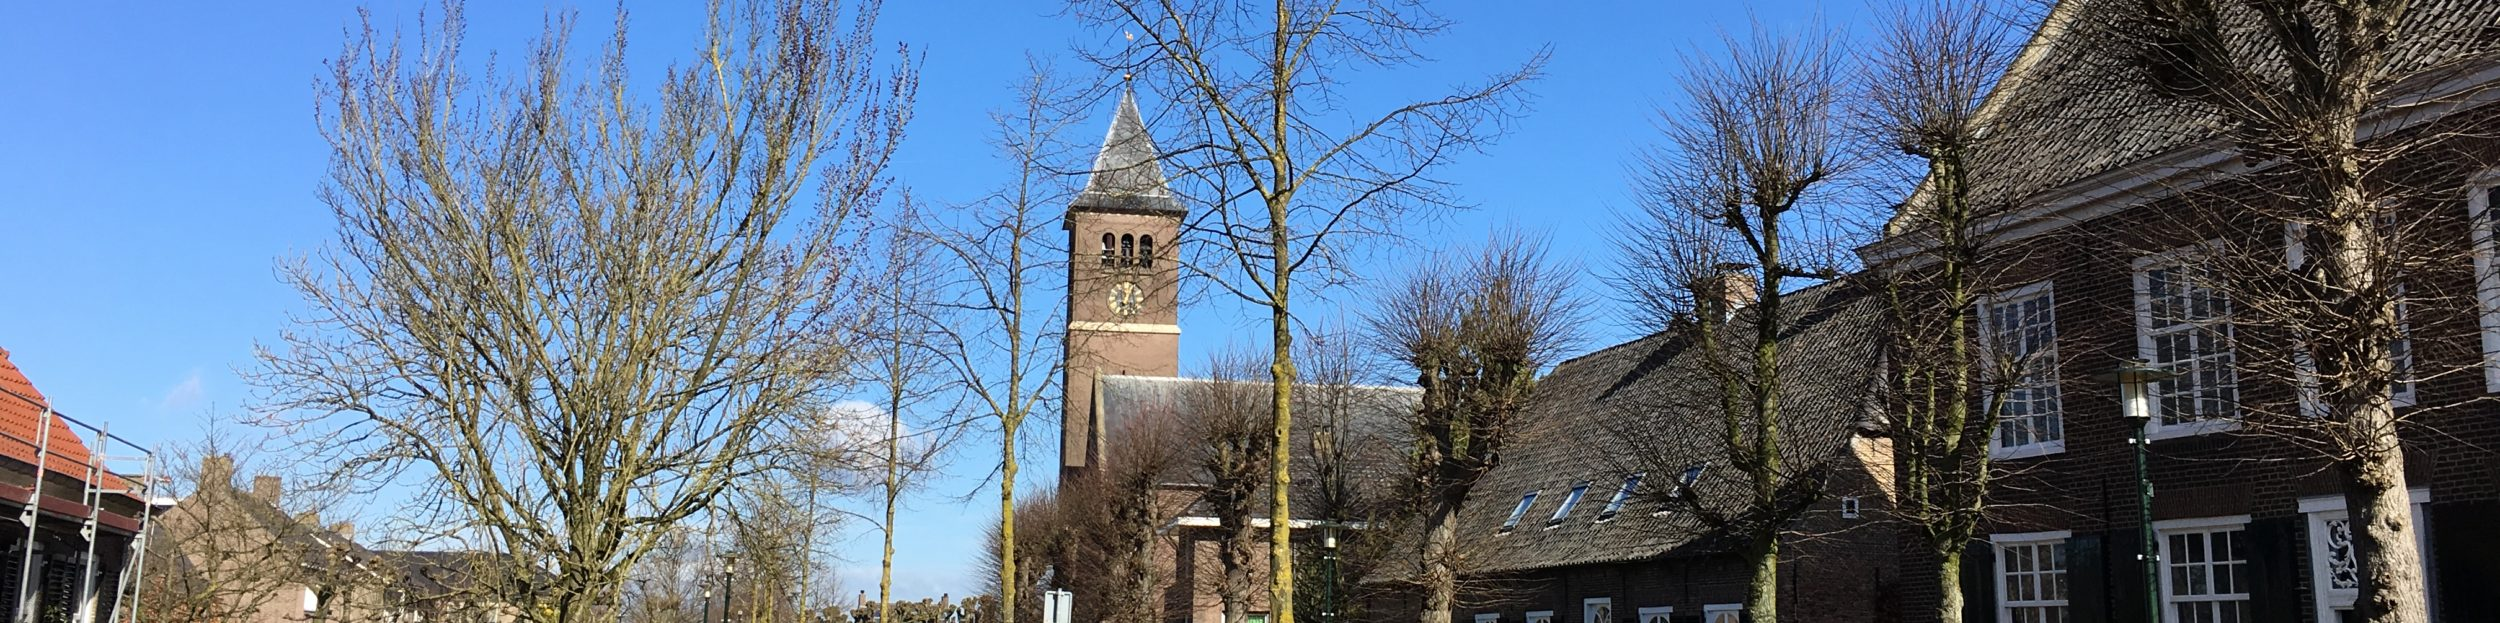 Stichting Huurdersbelangen Landerd